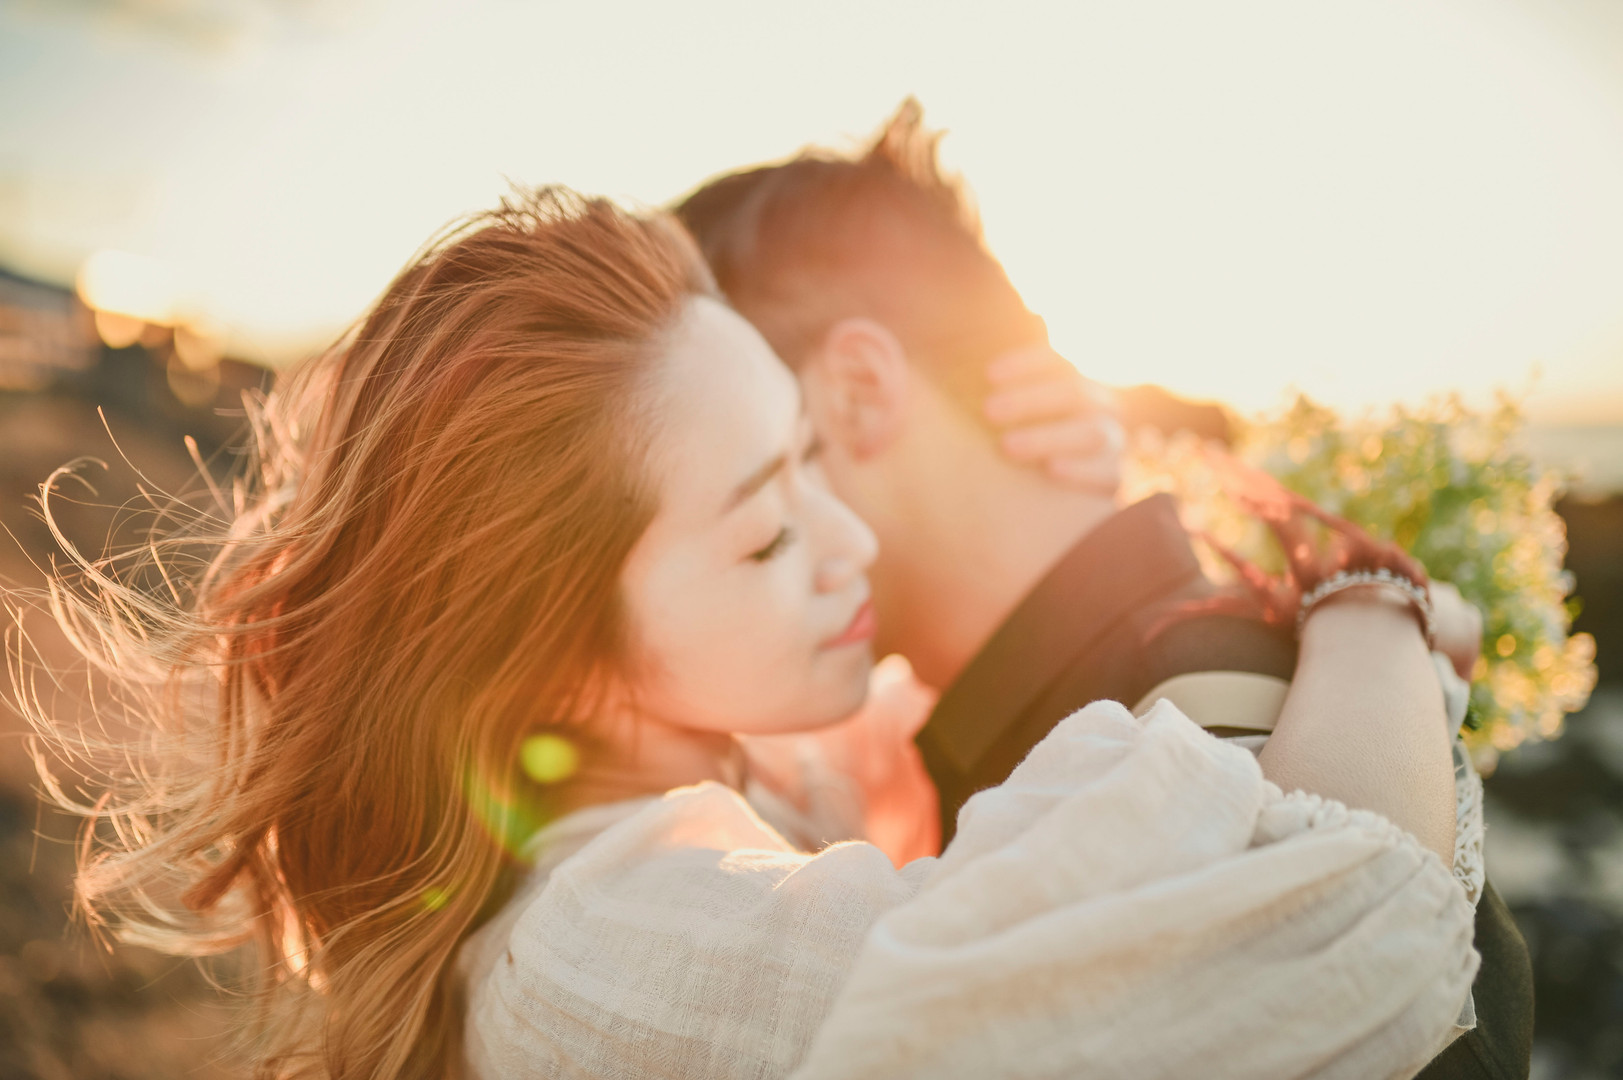 韓國濟州婚紗攝影-四月婚展優惠-18